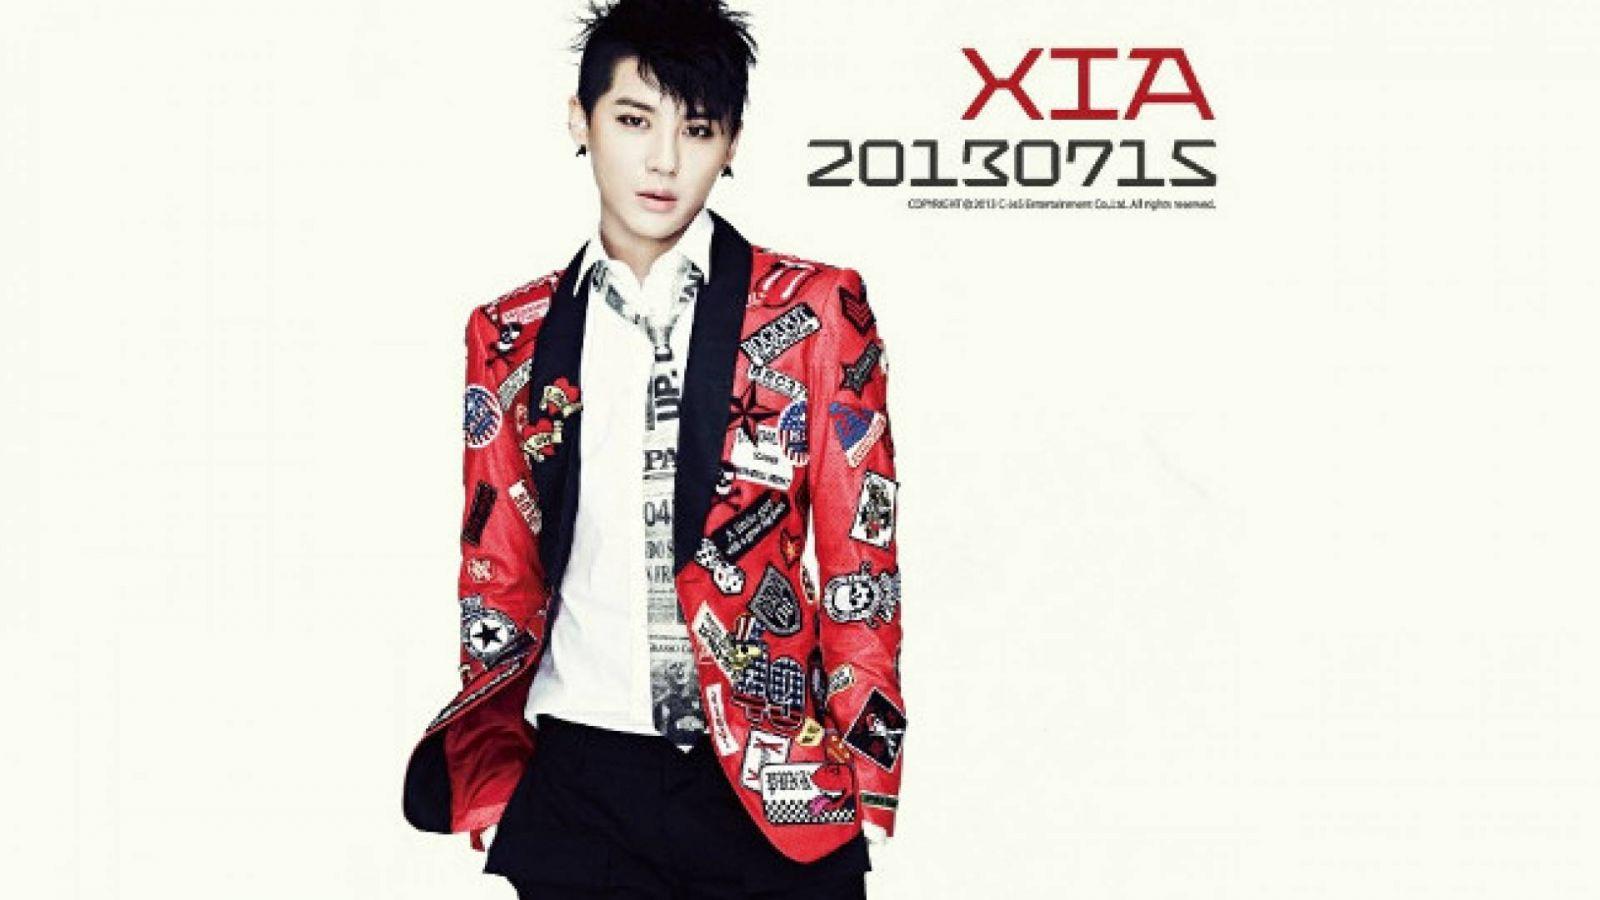 Informações sobre o novo álbum de XIA © C-Jes Entertainment